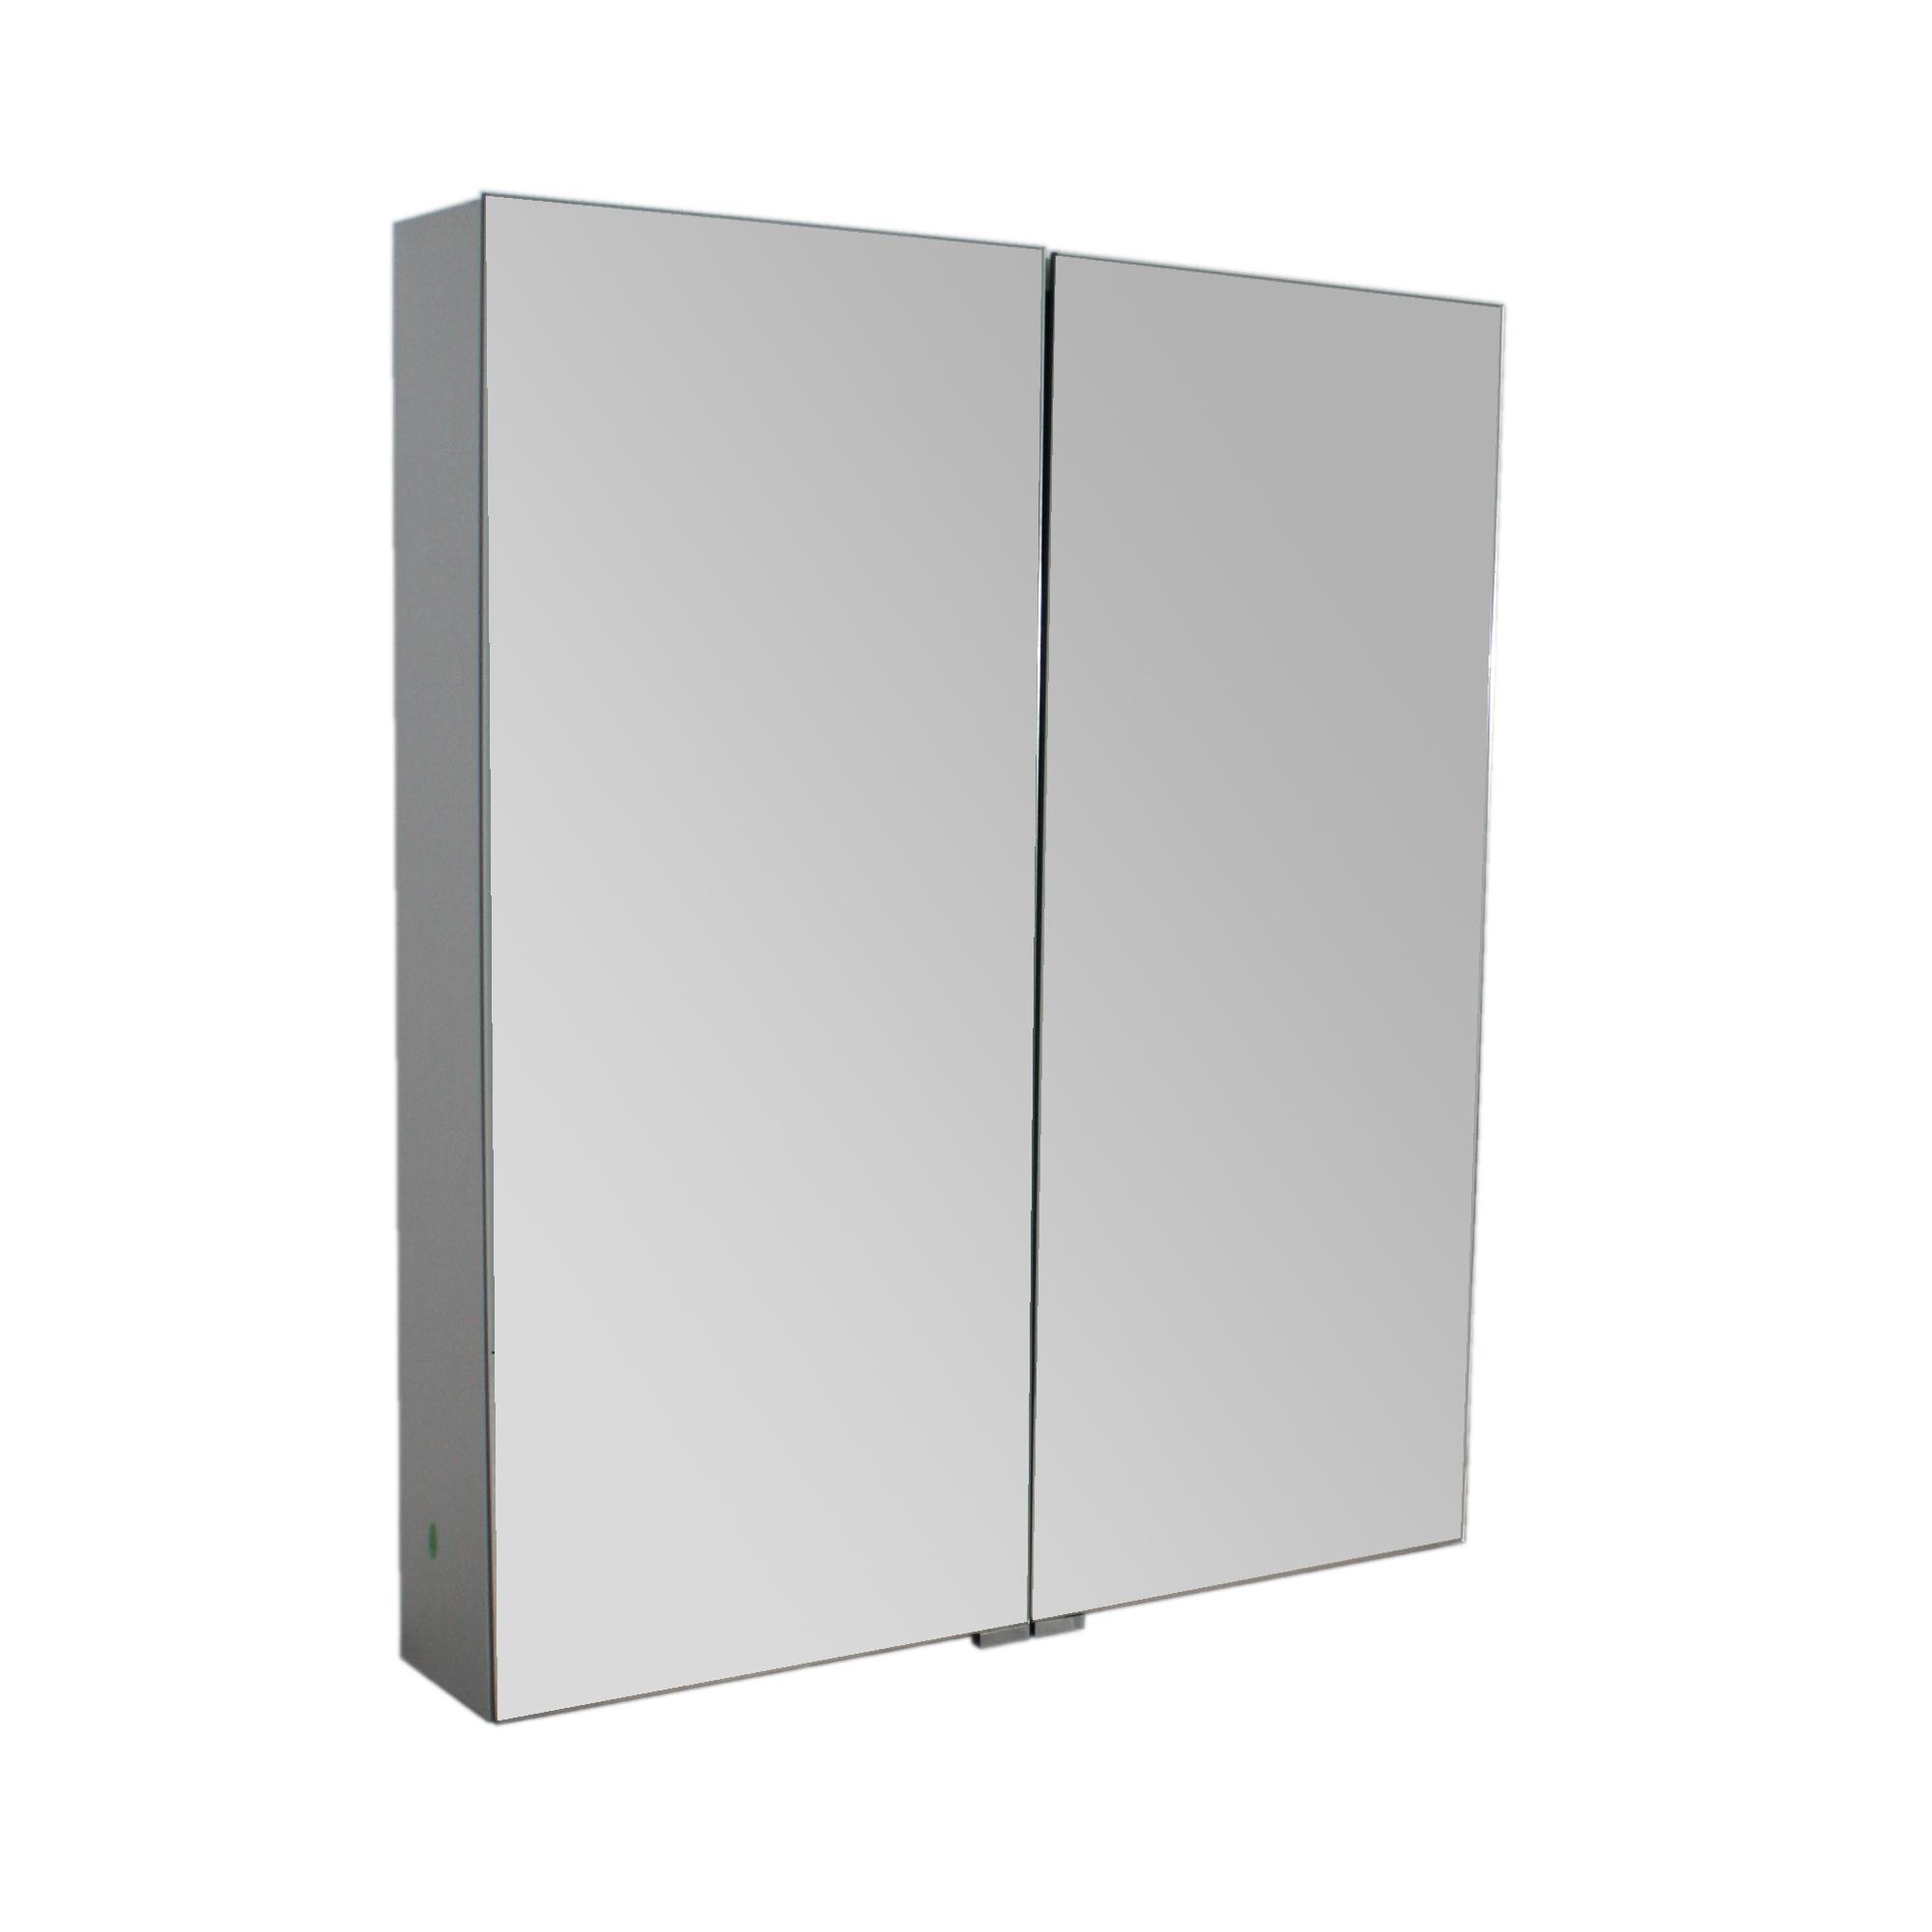 Aluminium Spiegelschrank G600 2 Turig Innen Und Aussen